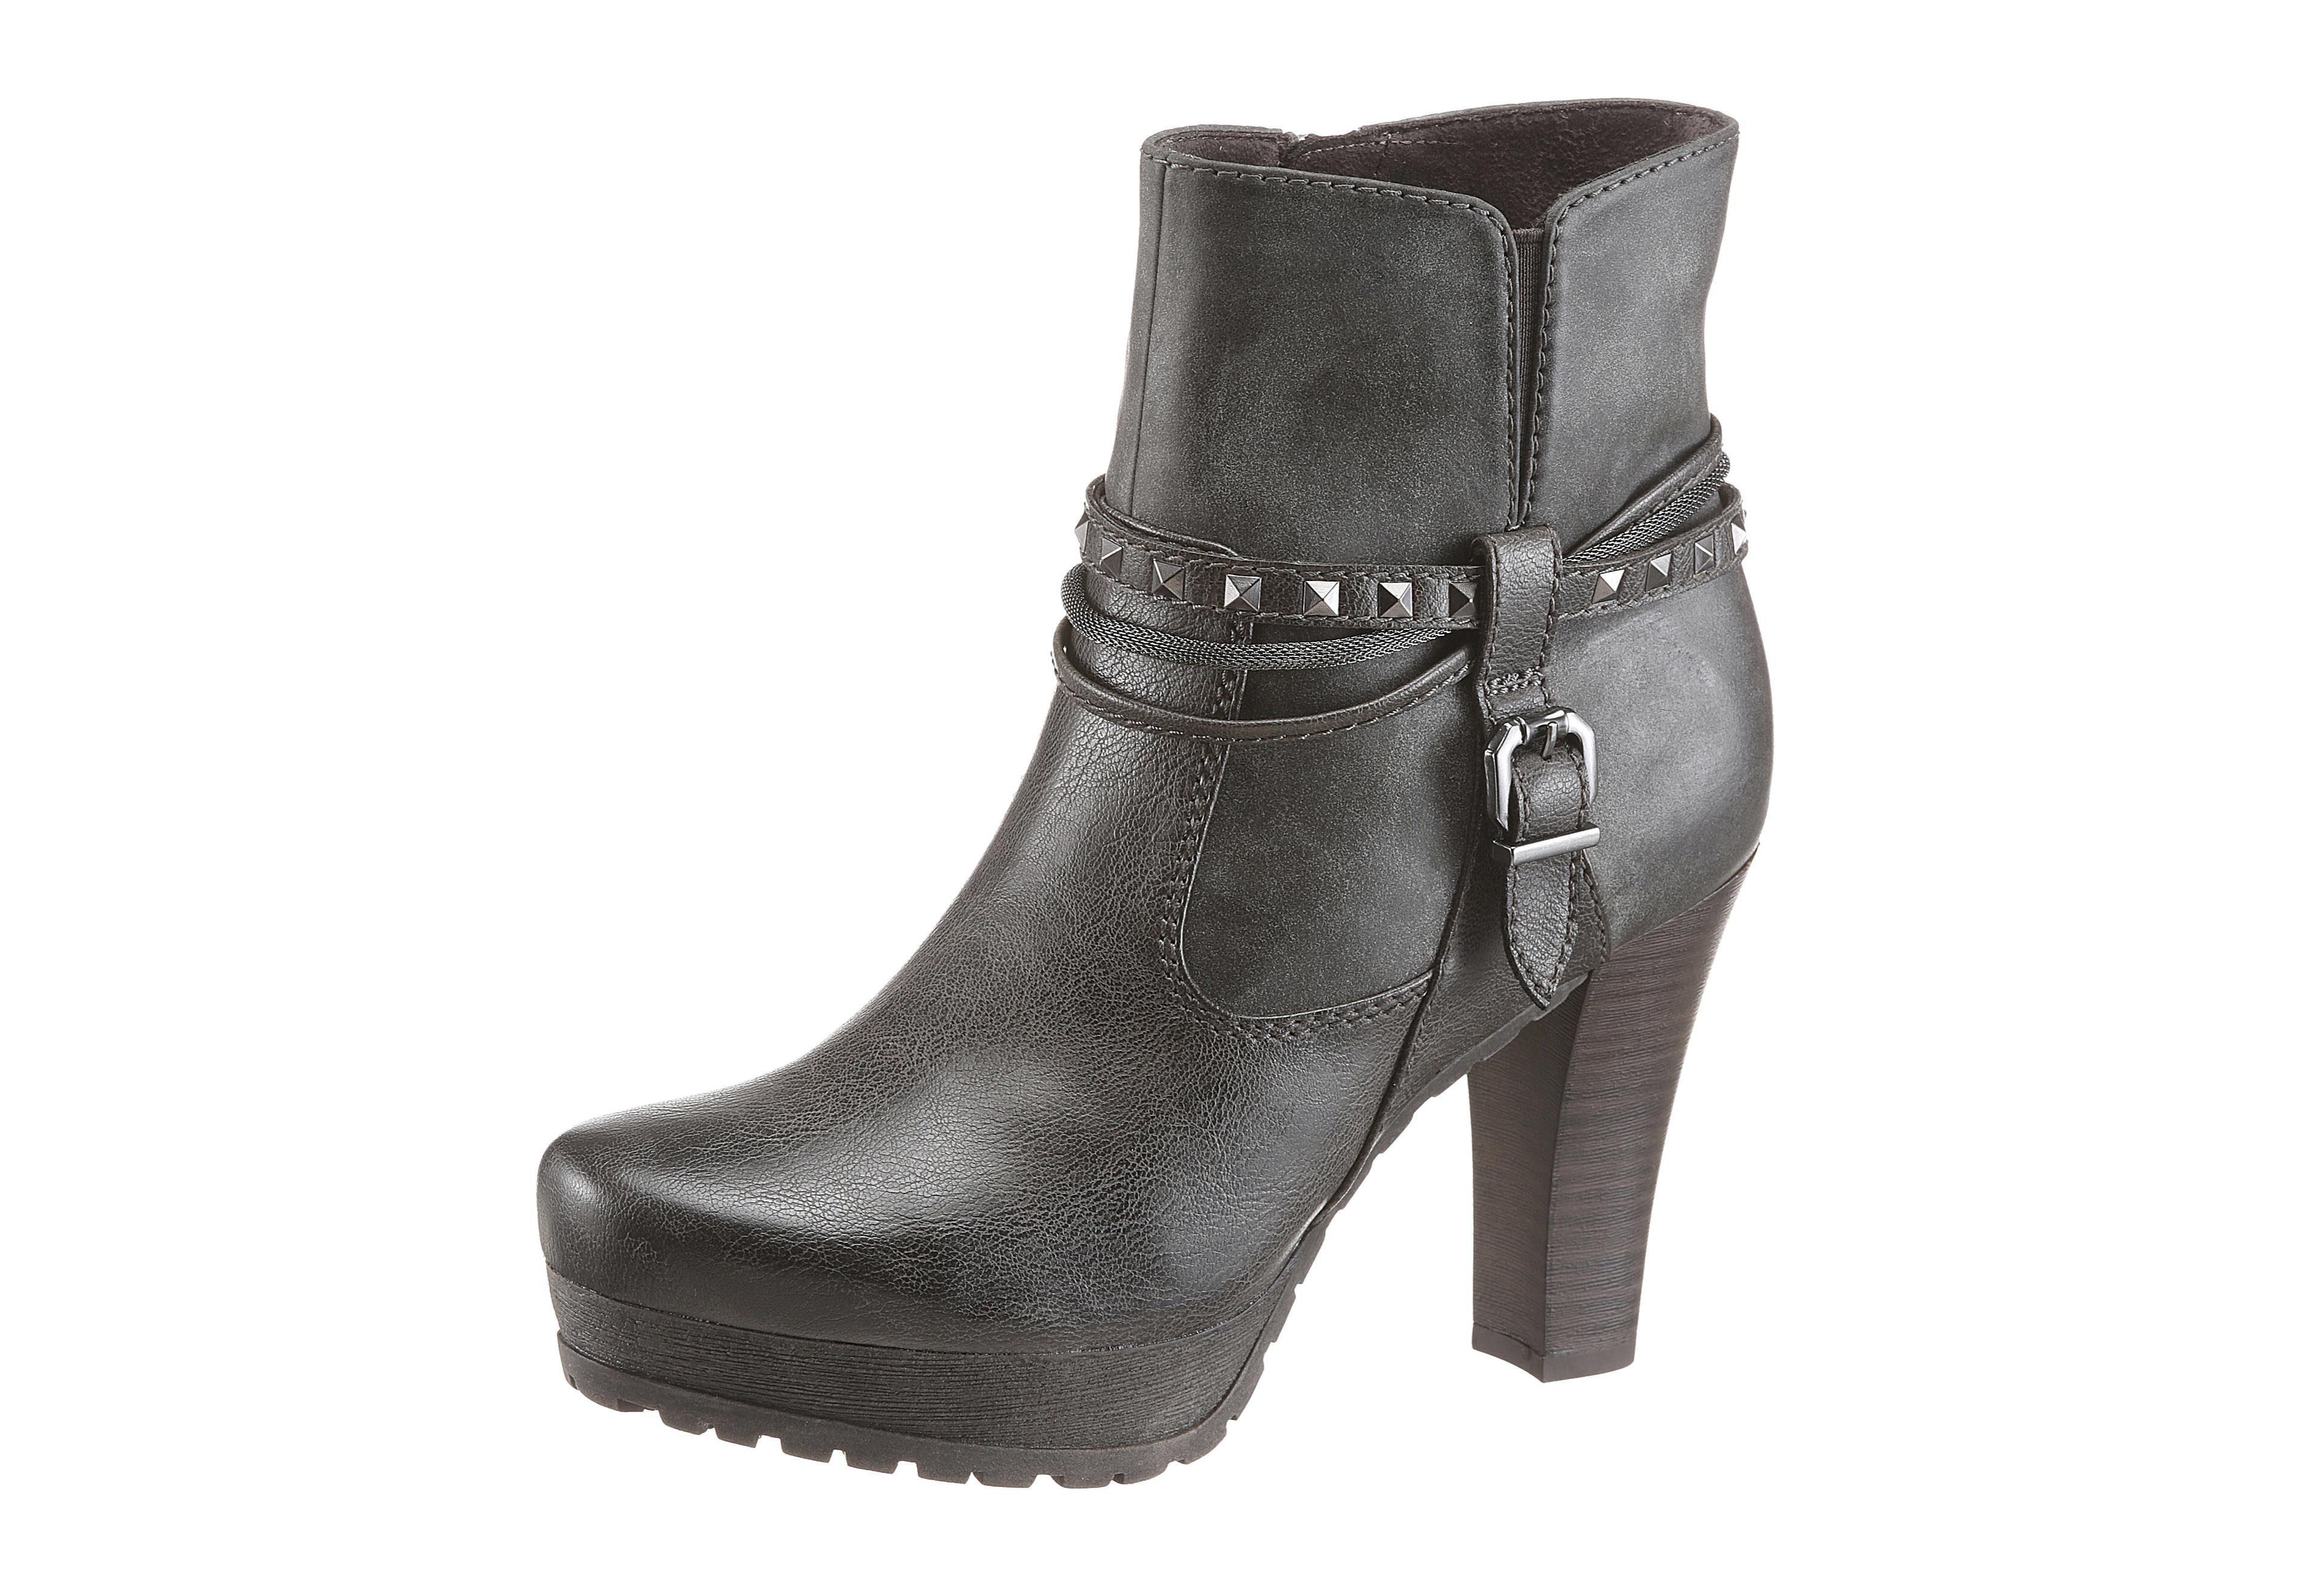 Tamaris High-Heel-Stiefelette, im femininen Look, schwarz, EURO-Größen, schwarz